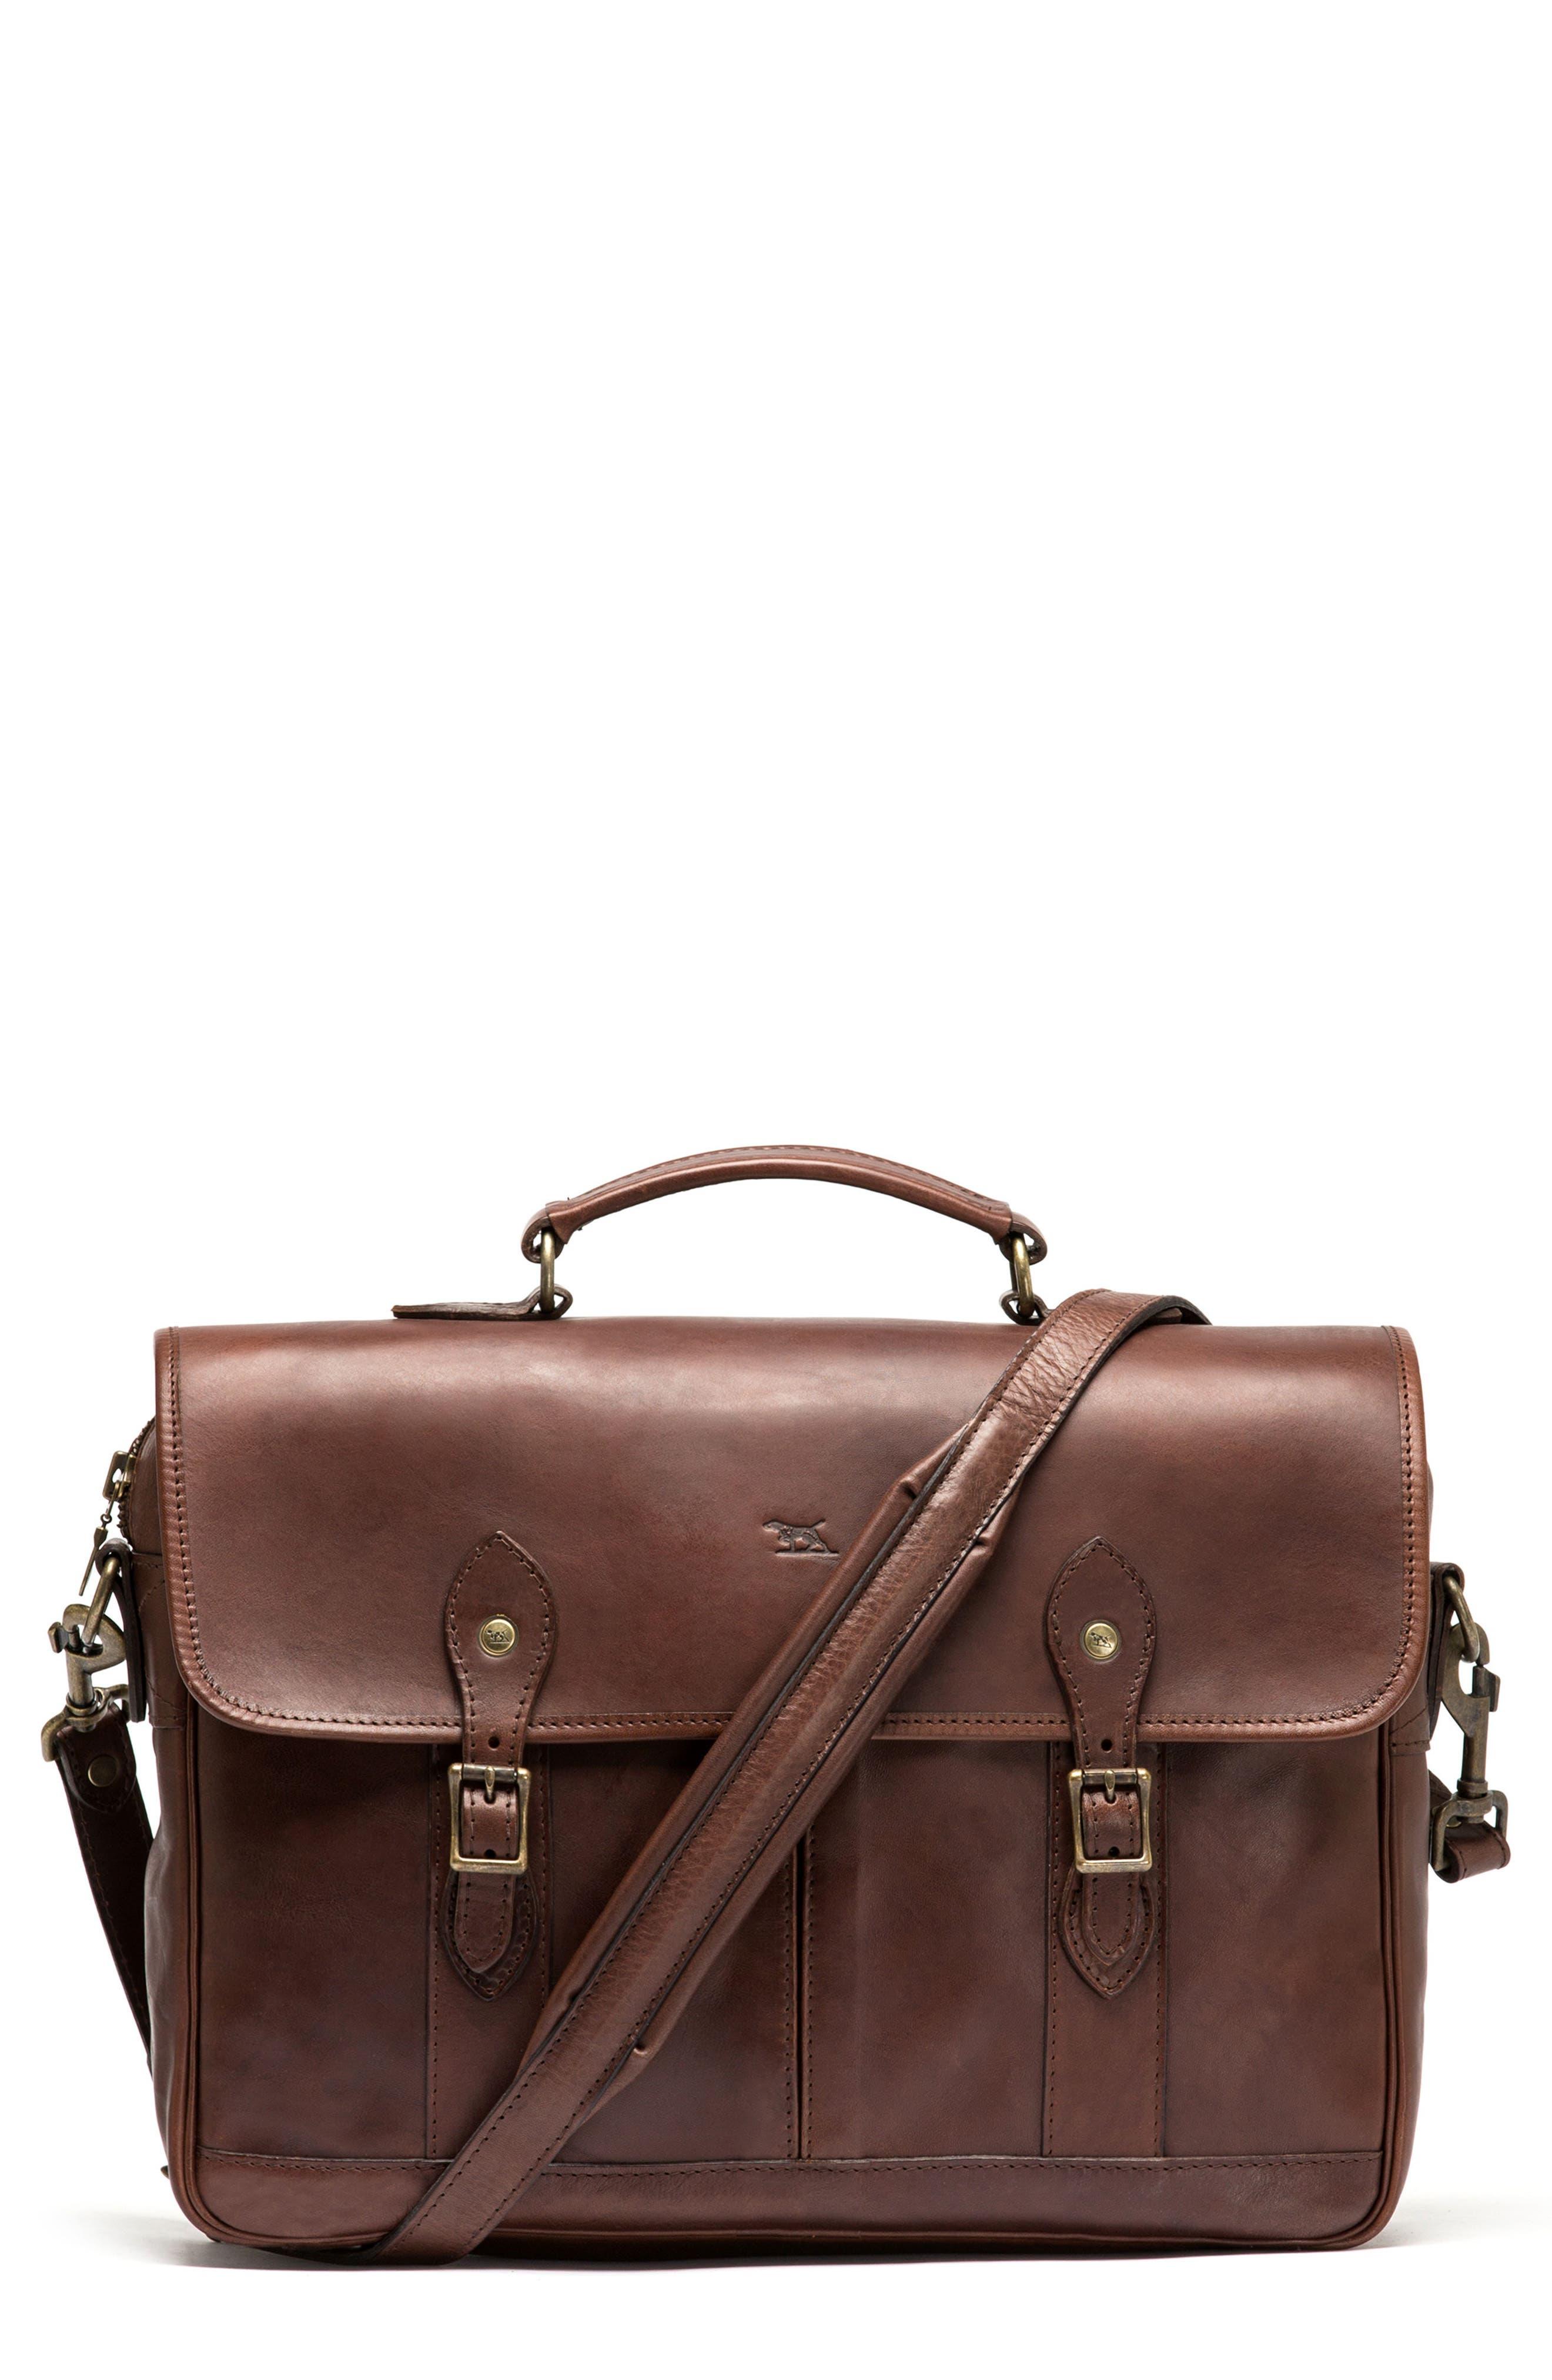 RODD & GUNN Leather Briefcase